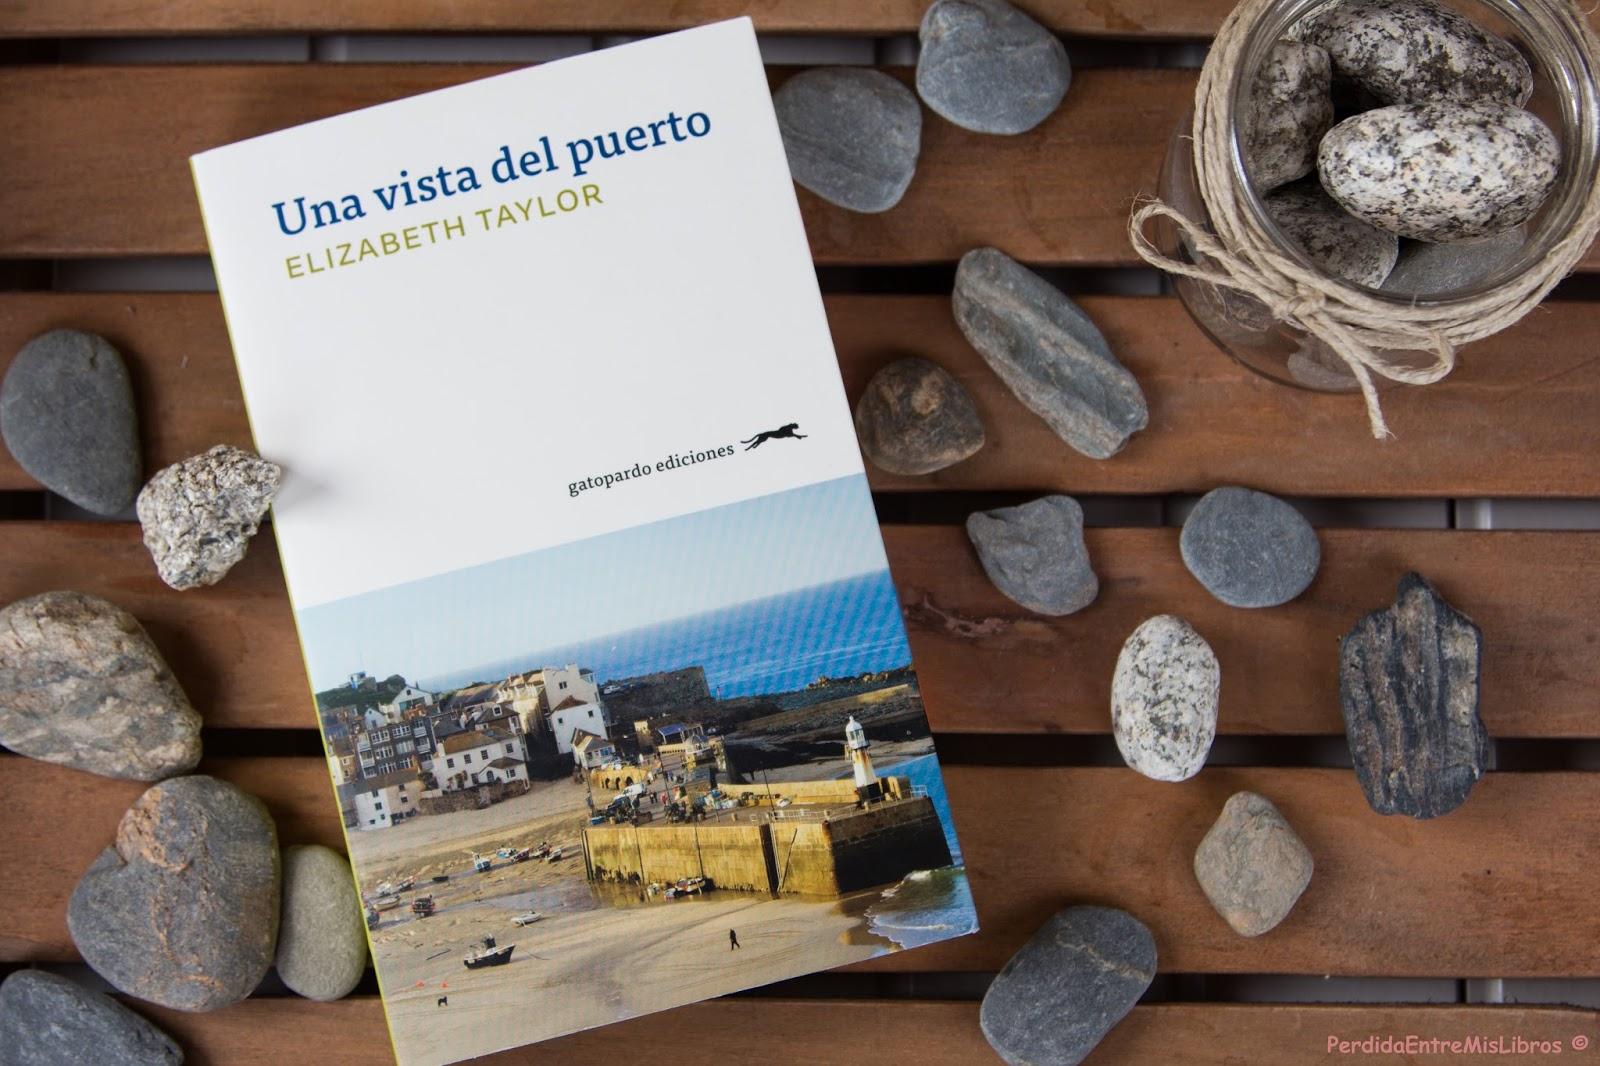 Una vista del puerto - Gatopardo Ediciones